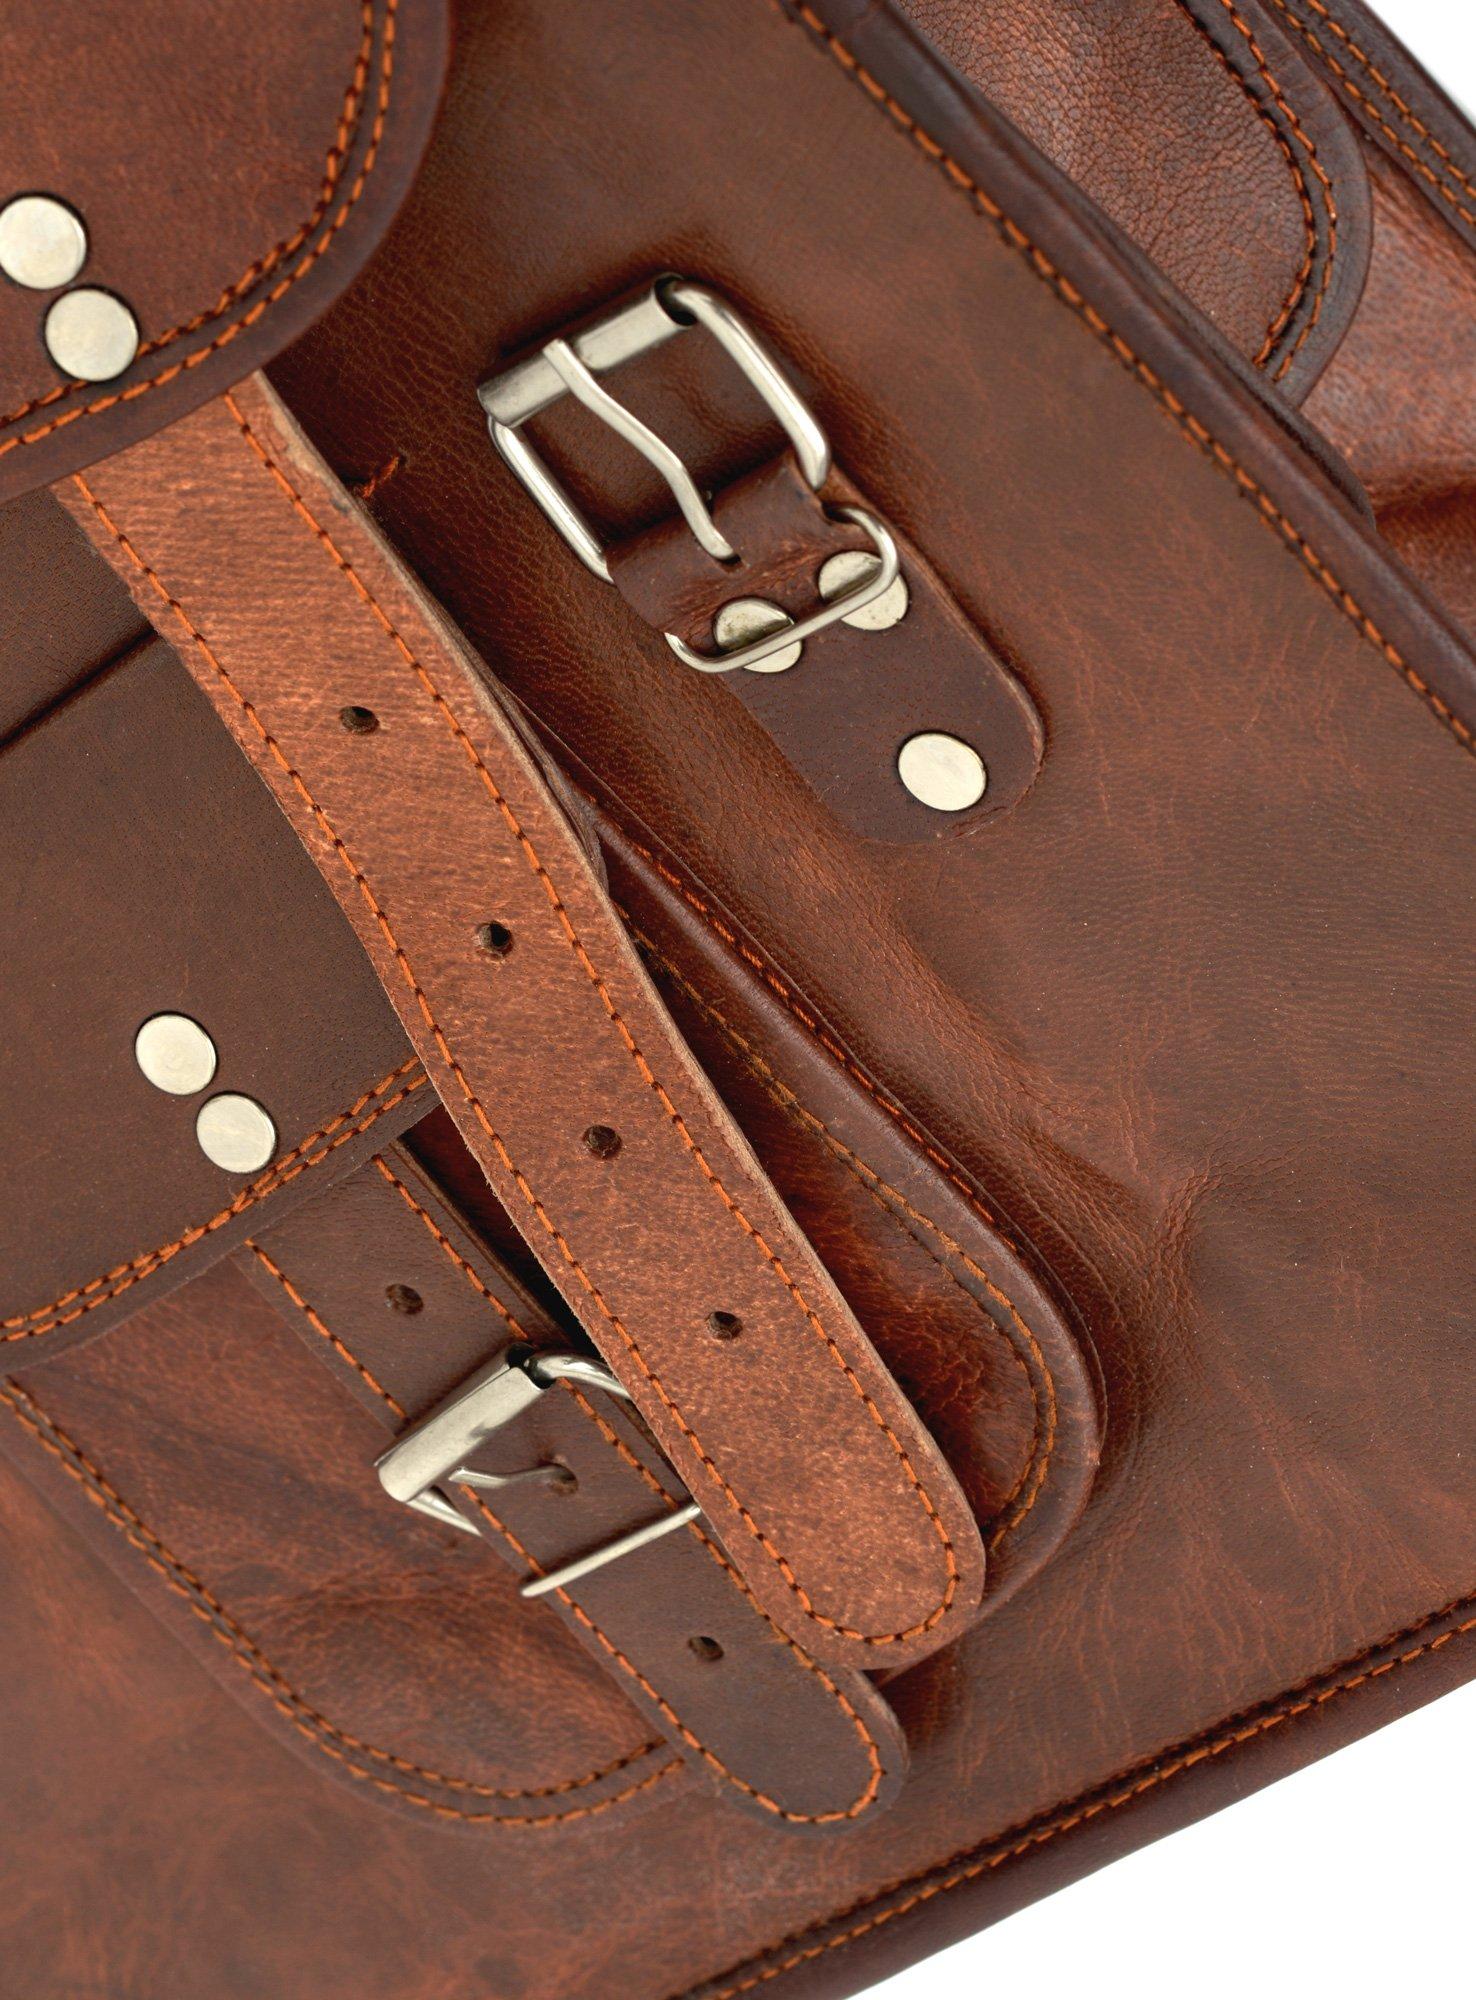 81stgeneration Men's Women's Genuine Large Leather Vertical Messenger Style Backpack Shoulder Bag by 81stgeneration (Image #6)